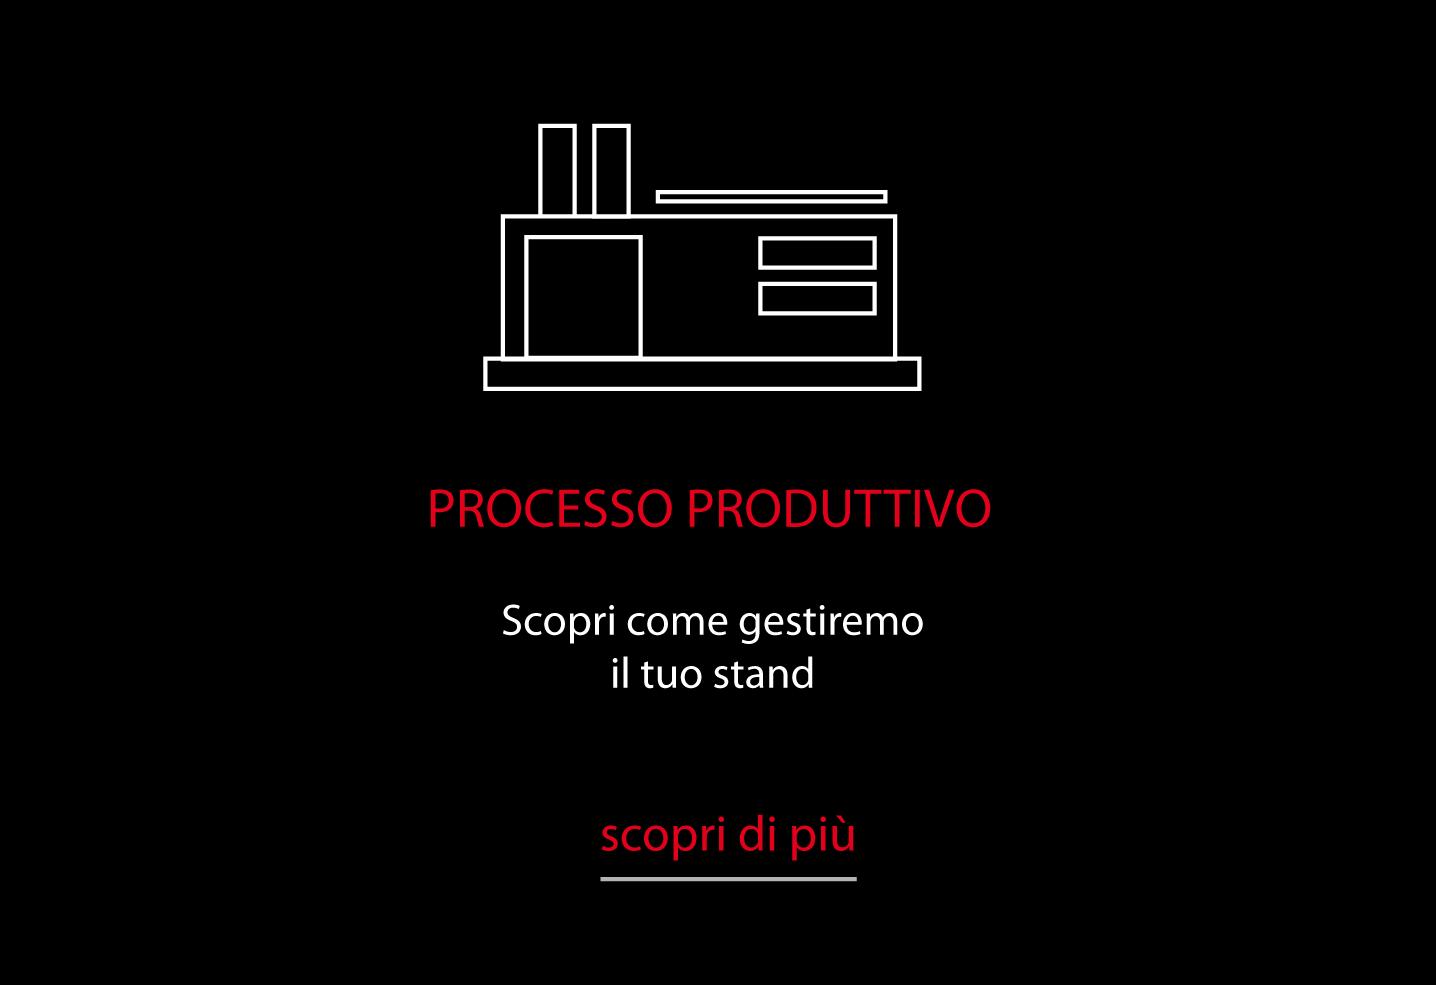 processo produttivo nero.png